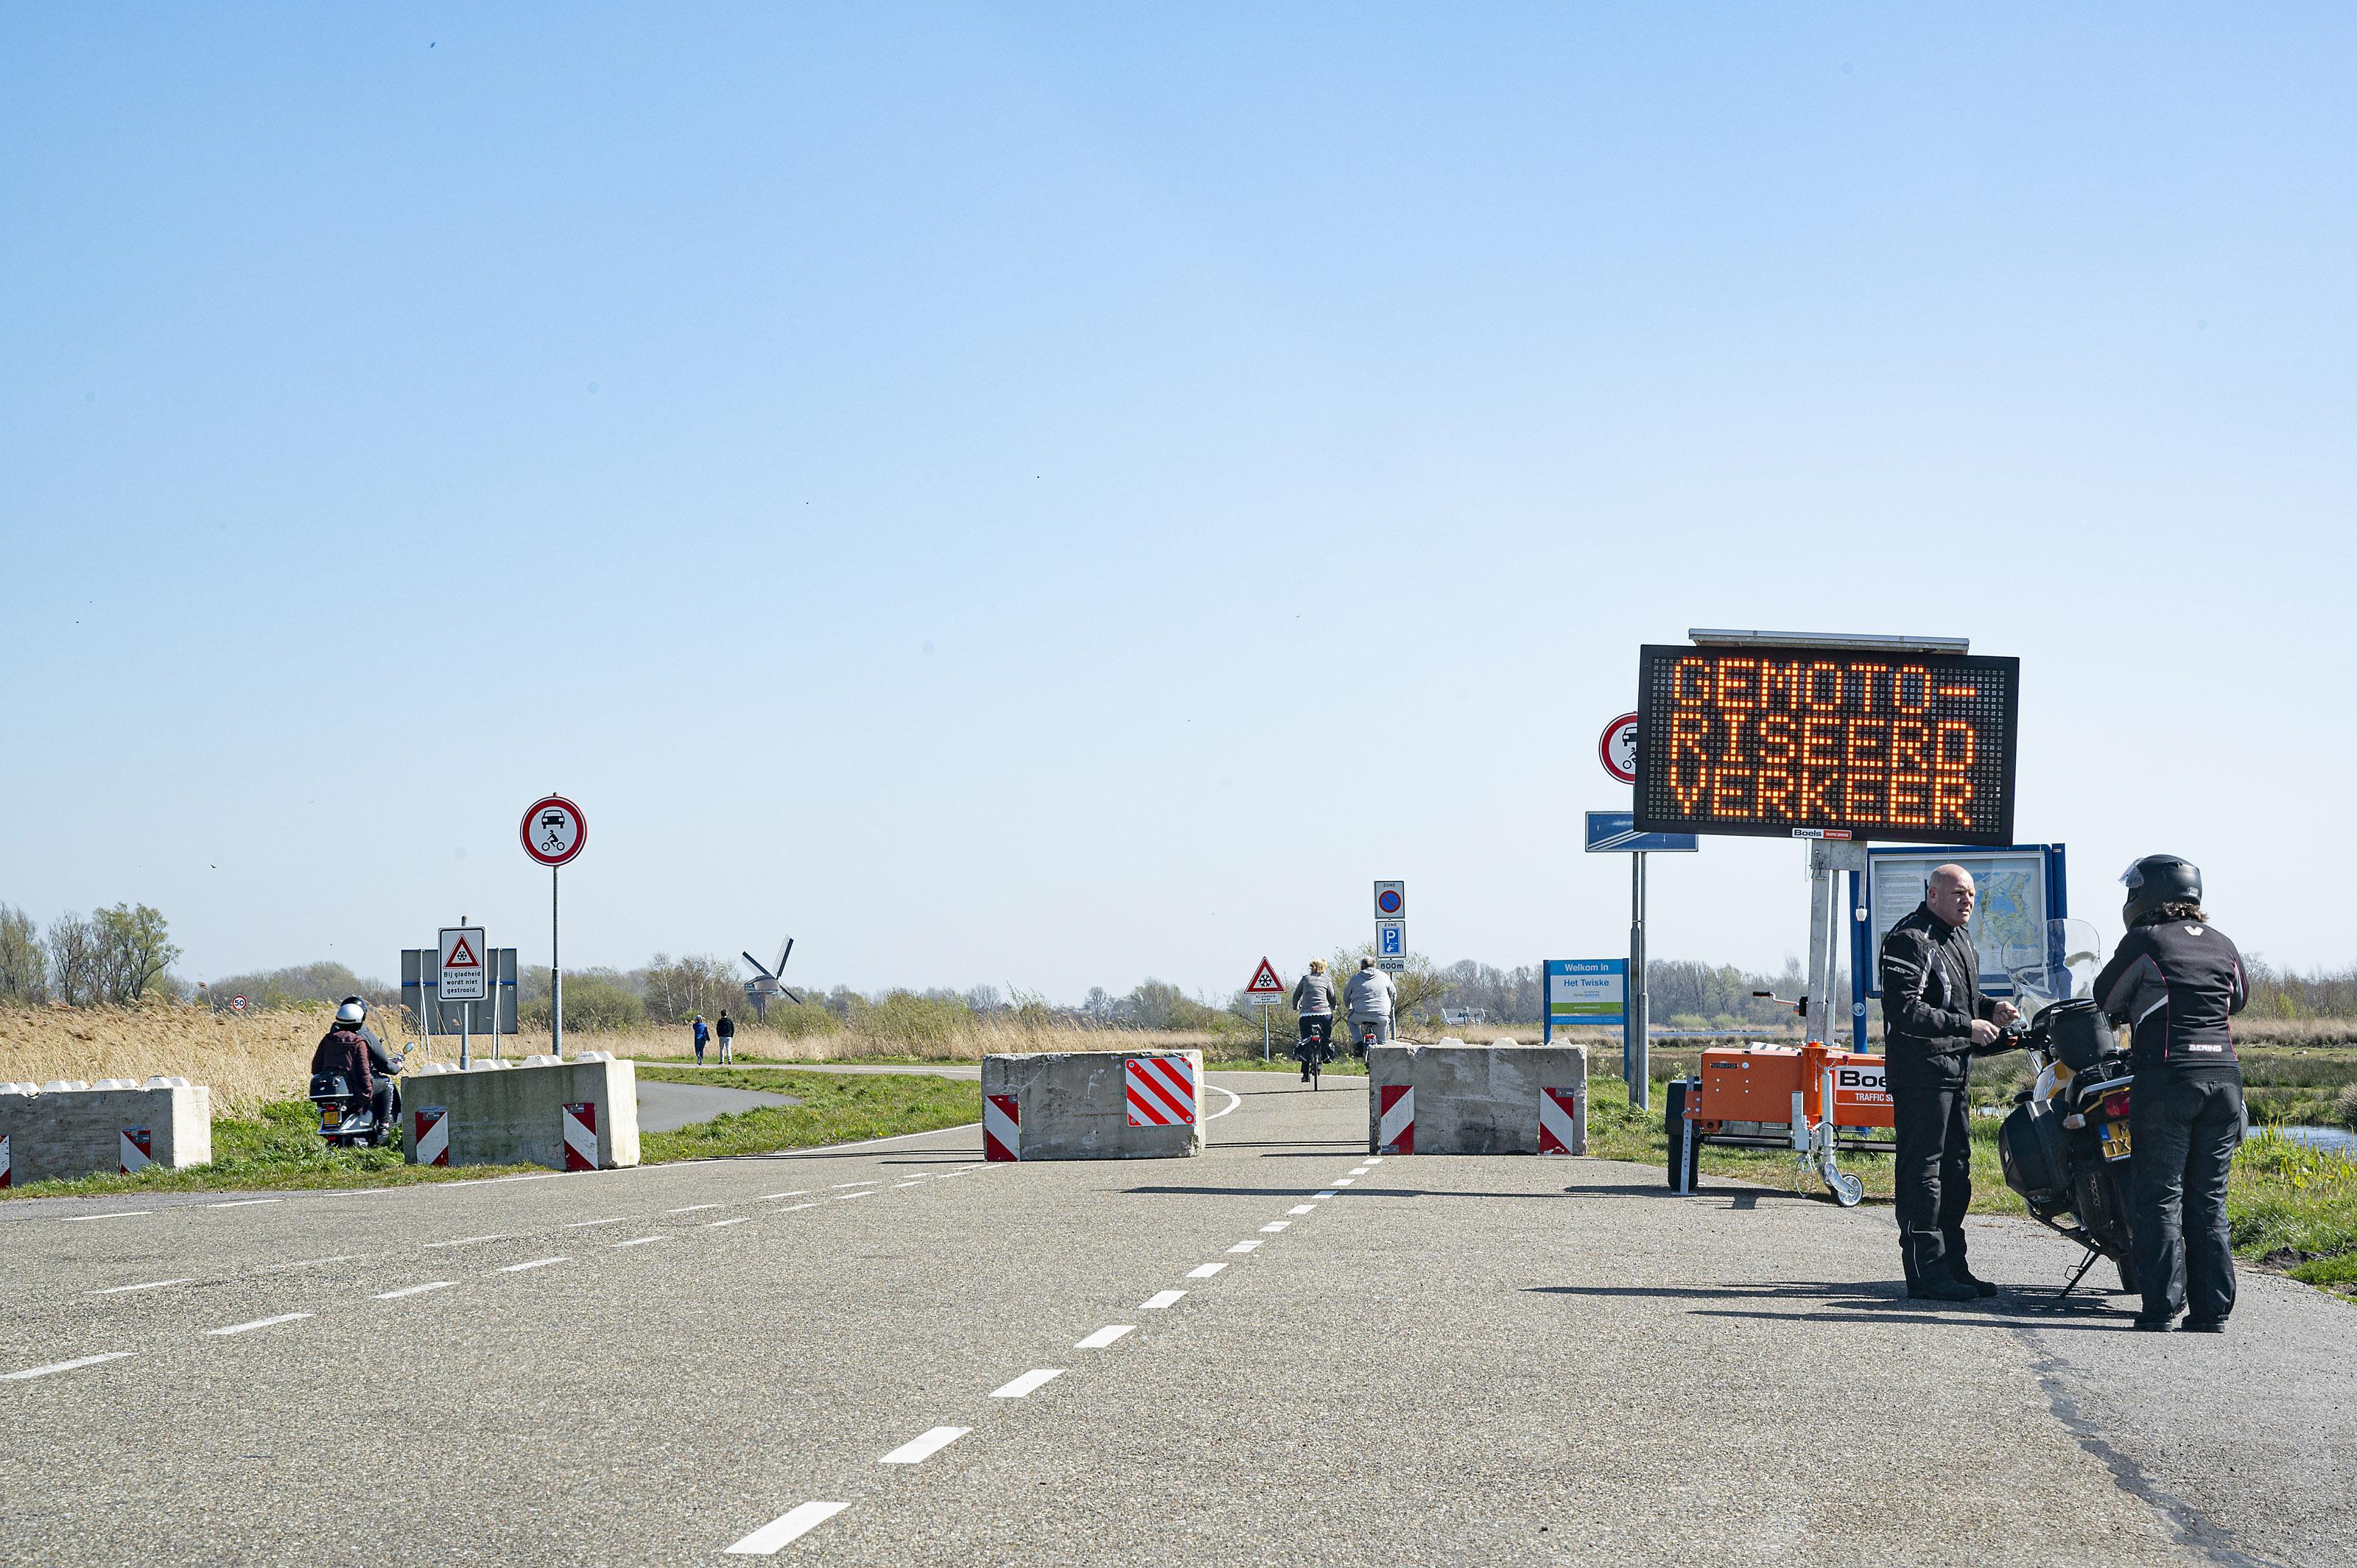 Afsluiting parkeerterreinen Twiske verlengd tot eind april